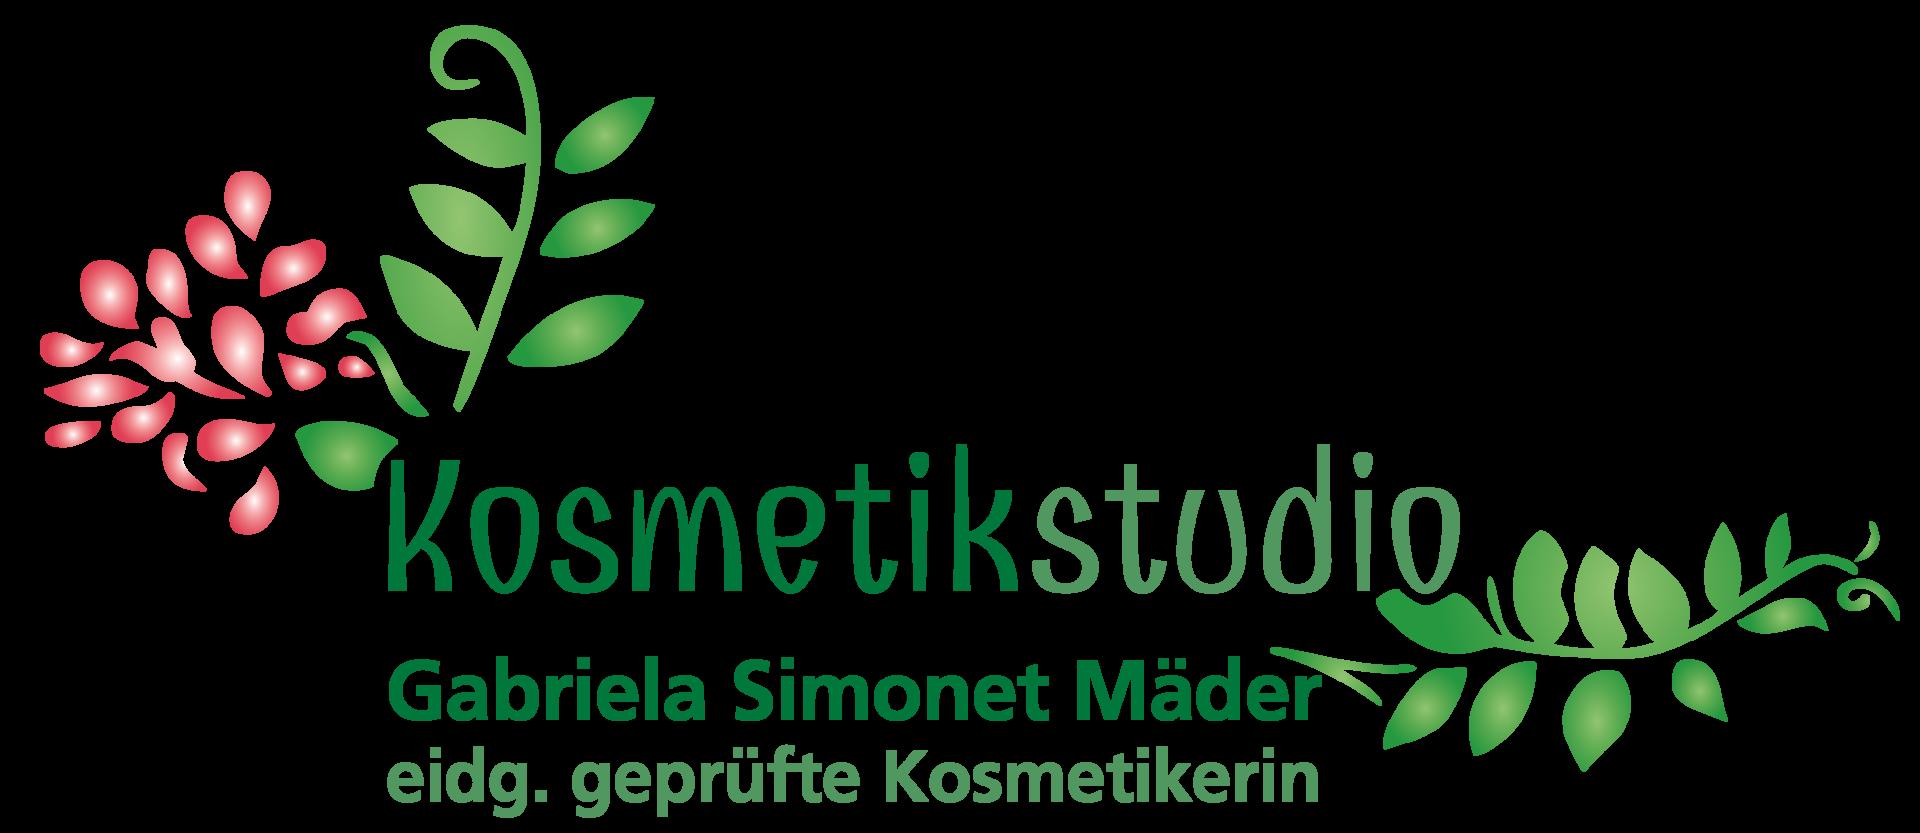 Gabriela Simonet Mäder - Kosmetikerin auf dem Mutschellen